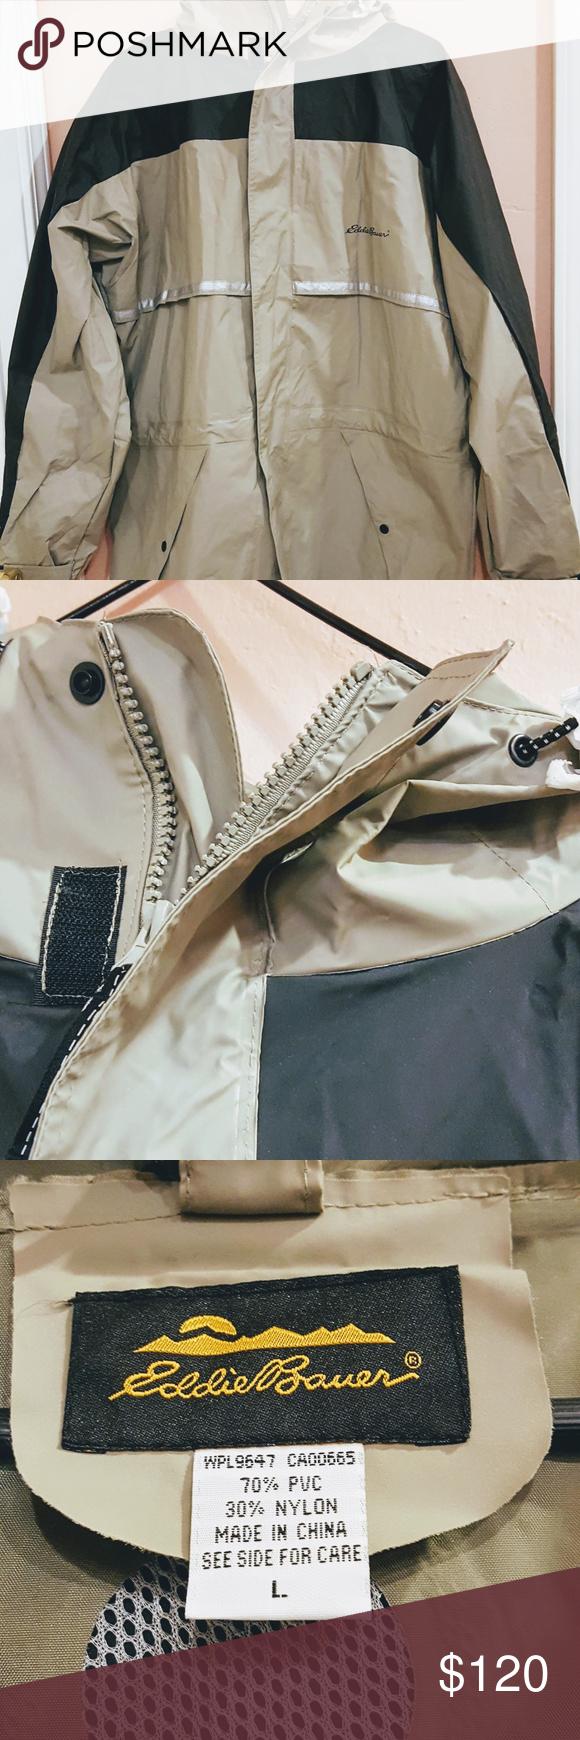 Eddie Bauer Hooded Rain Jacket Pants Gray Black Eddie